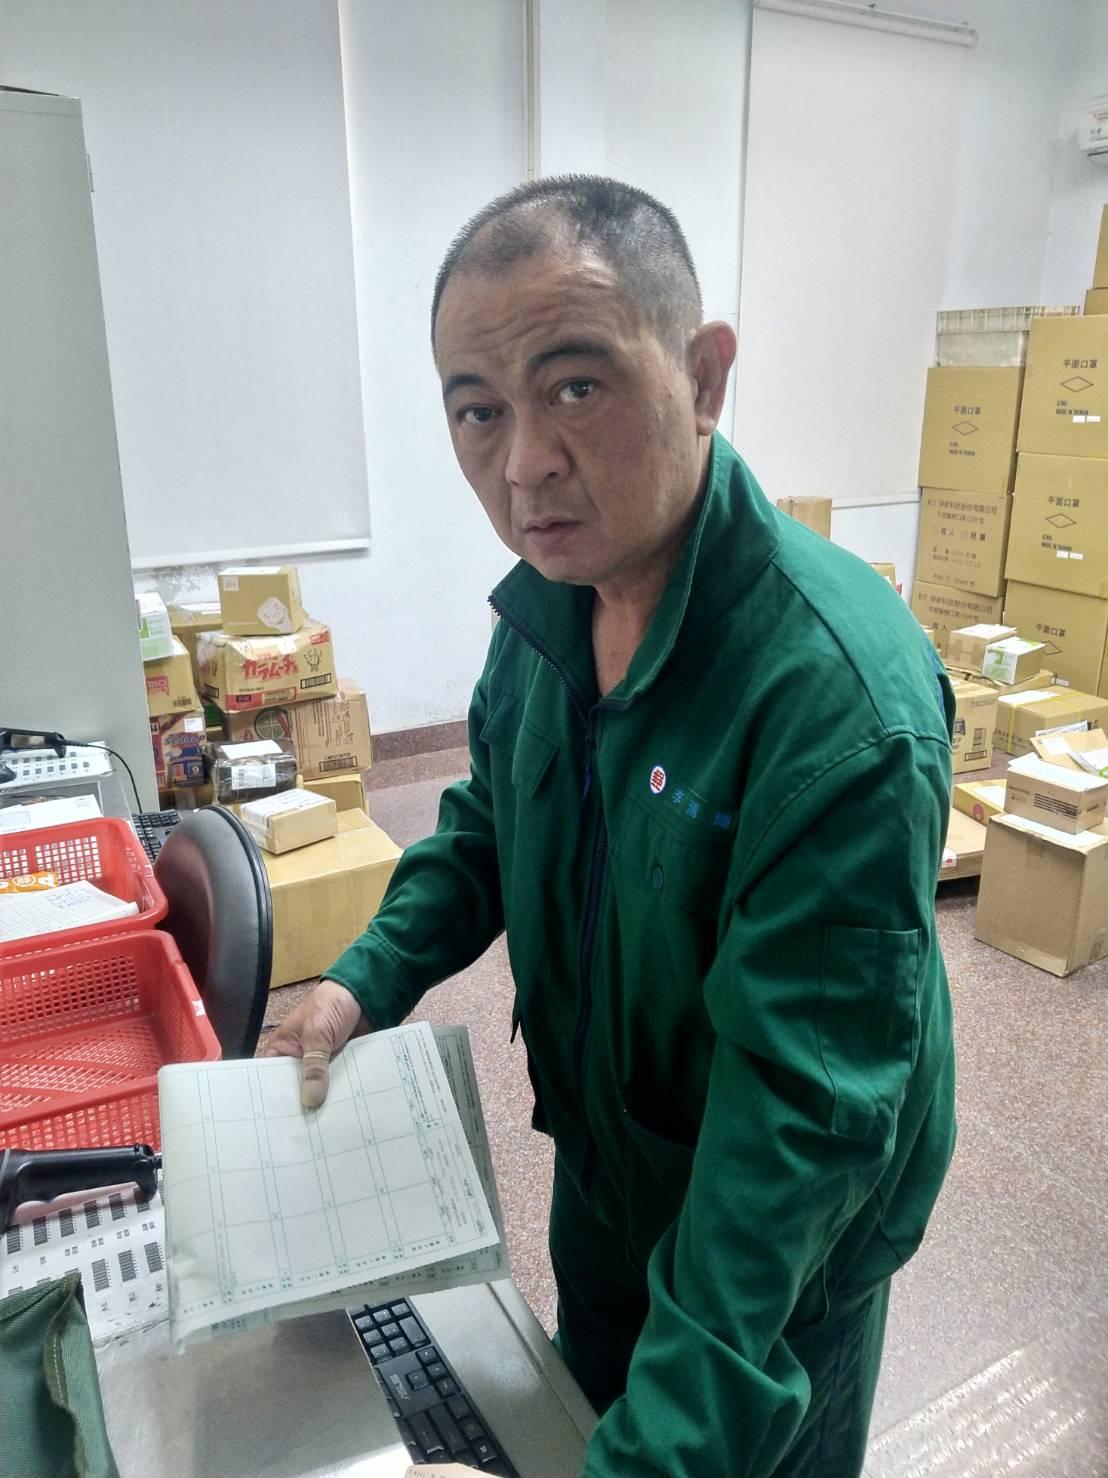 動協助稽查工作如:拆郵袋、開信筒箱、銷郵戳、核對行政文書是否按規定辦理等工作,實為同仁表率。